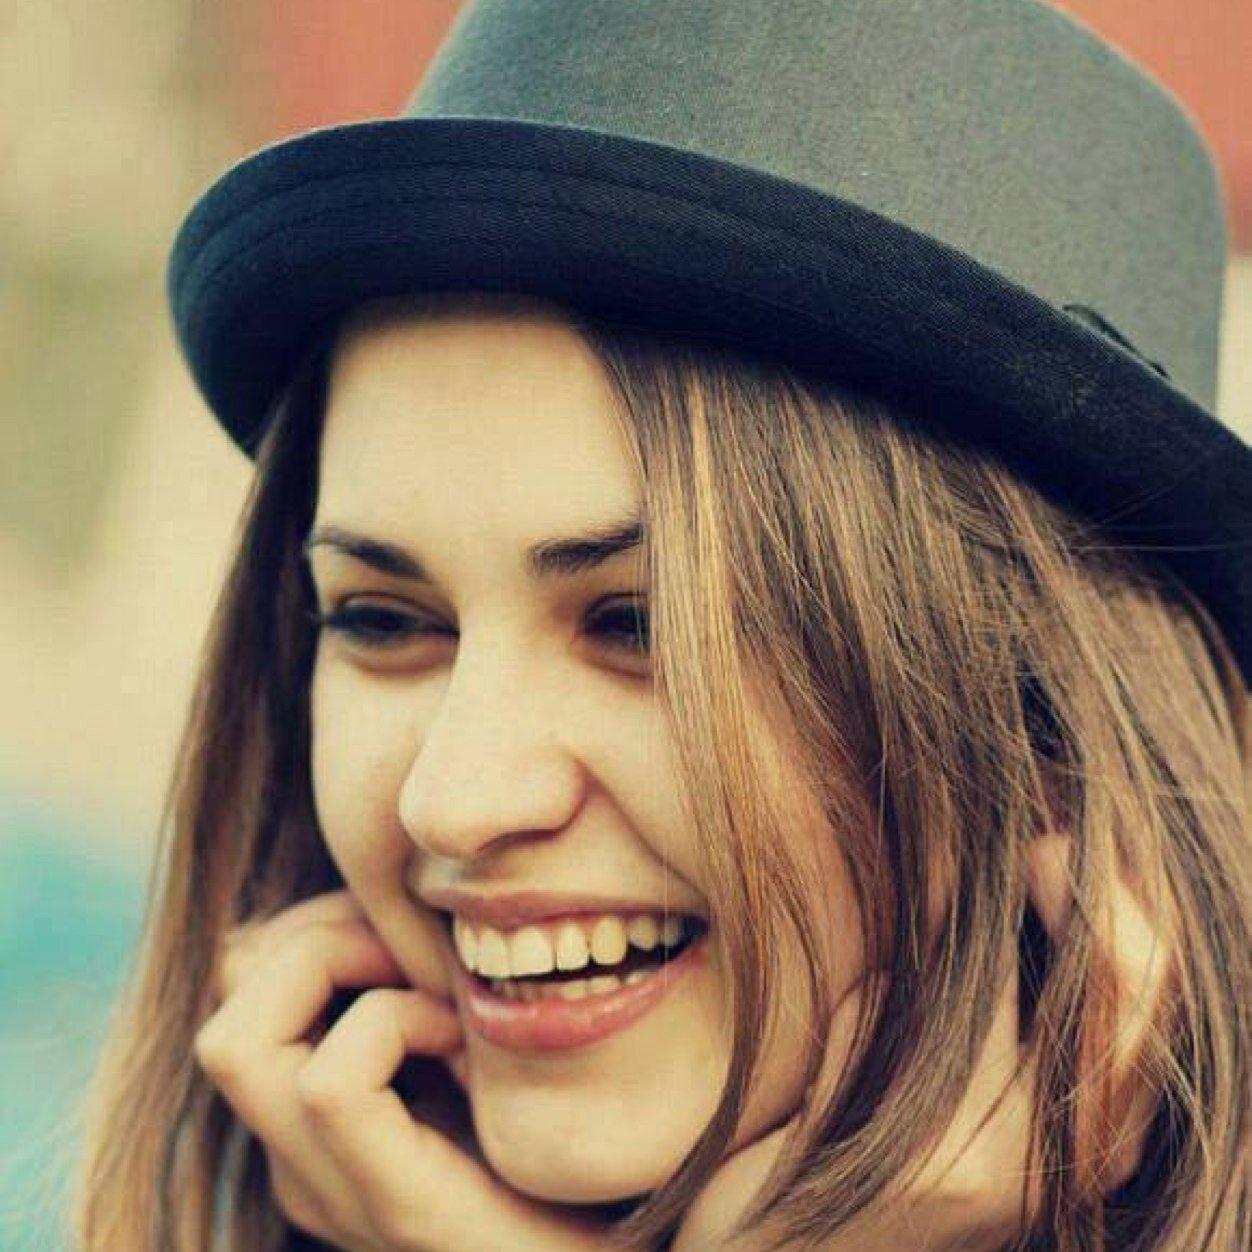 صور صور بنات بتضحك , صور بنات صغيره ضحكتها جميله